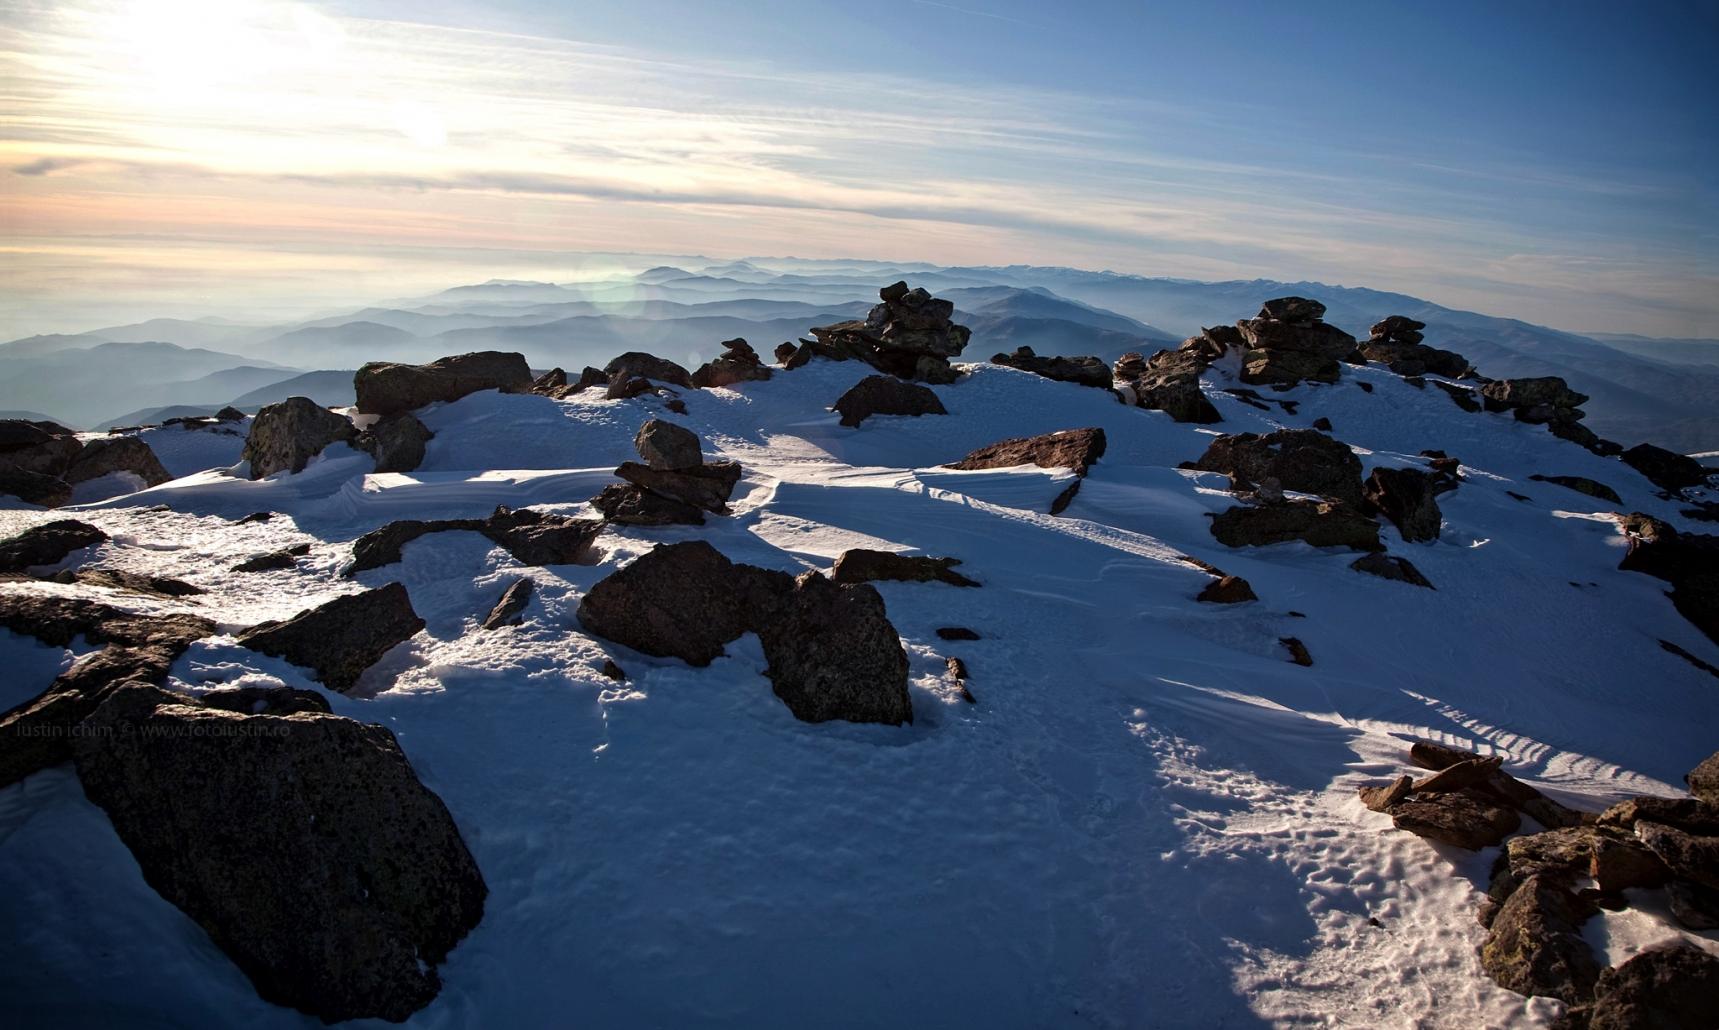 Peisaj montan de iarnă